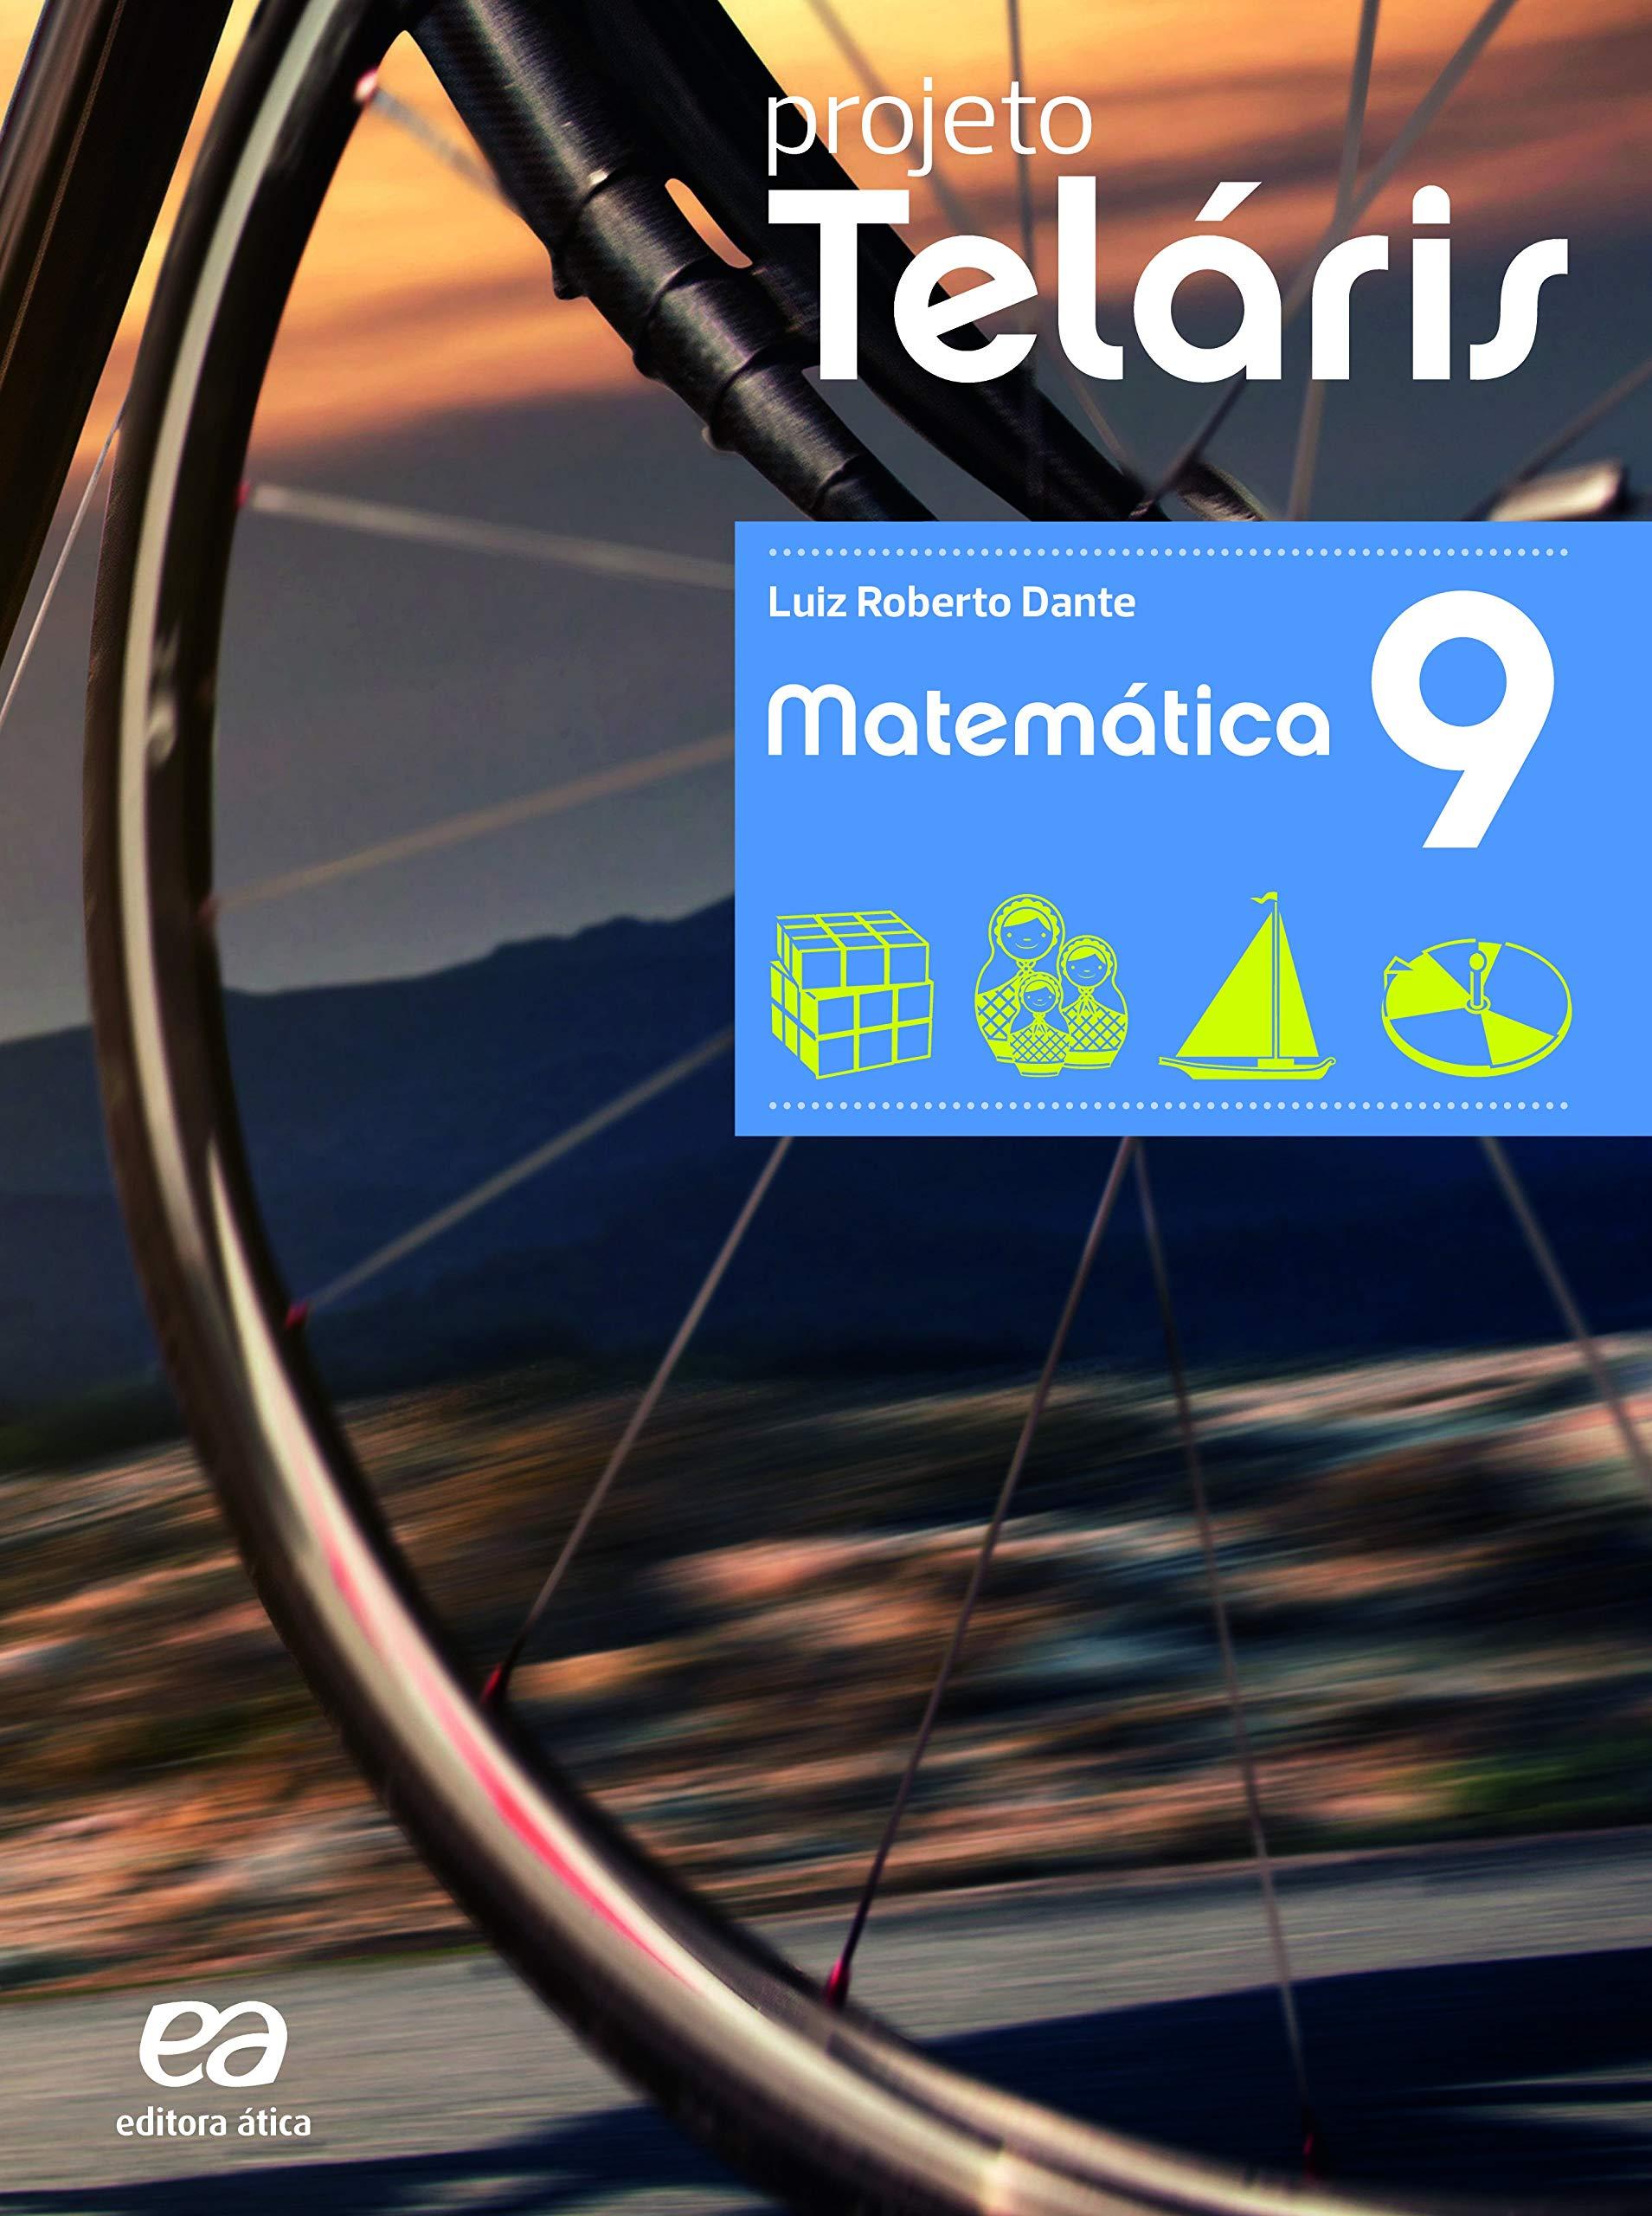 Projeto Teláris - Matemática - 9º Ano, livro de Luiz Roberto Dante